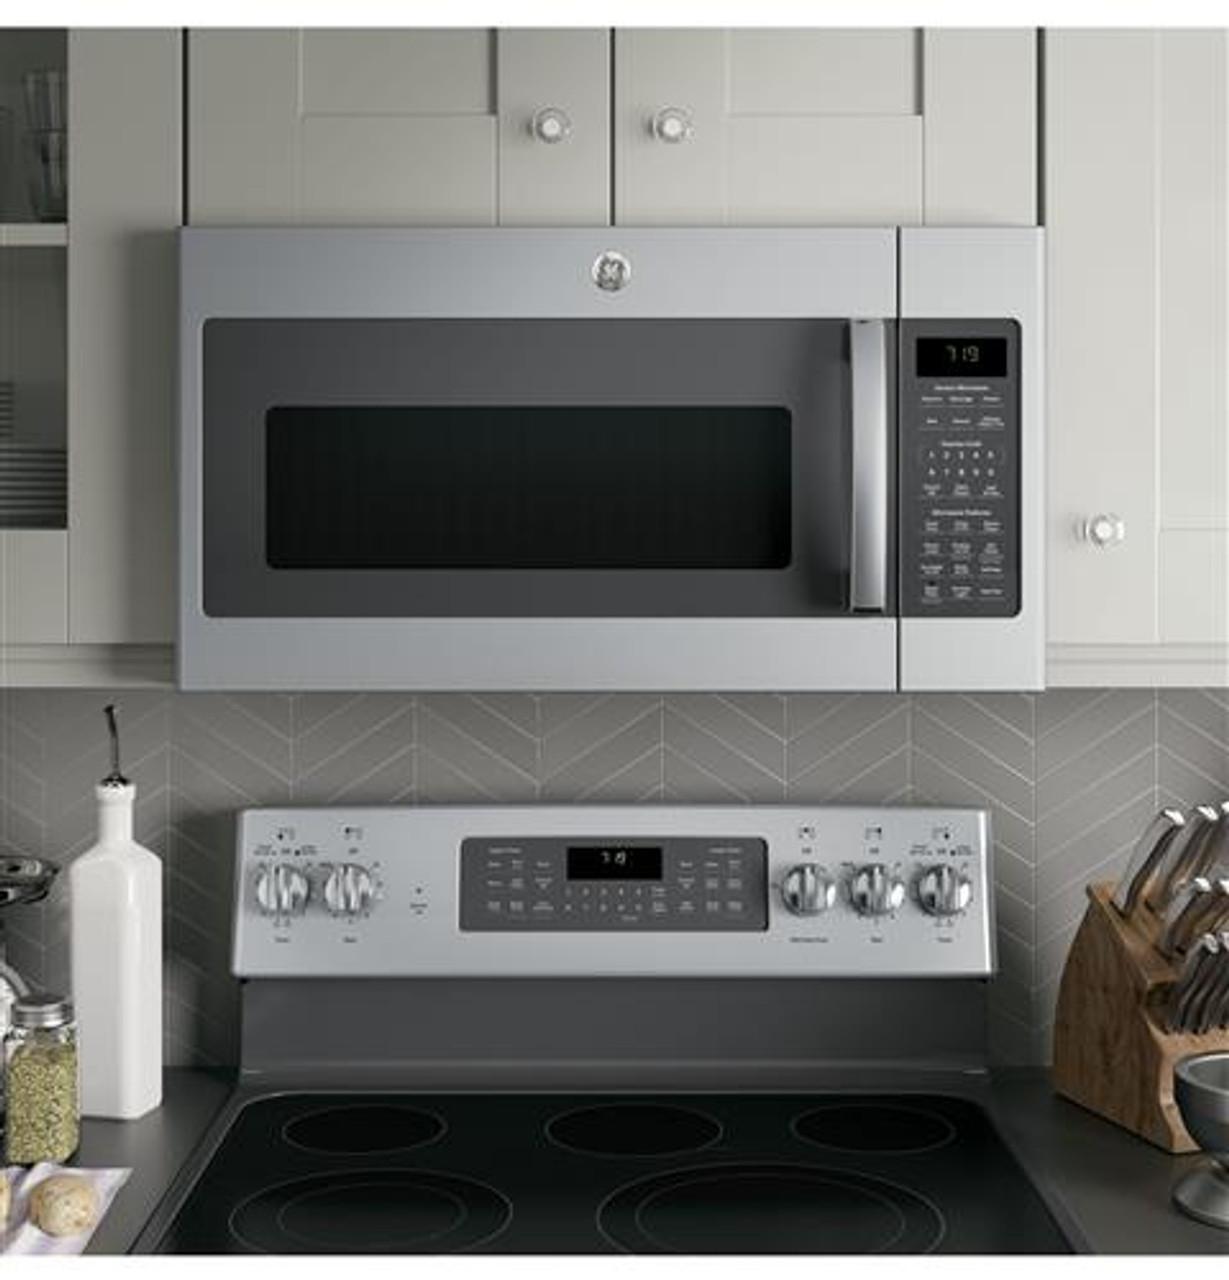 range sensor microwave oven jvm6175skss